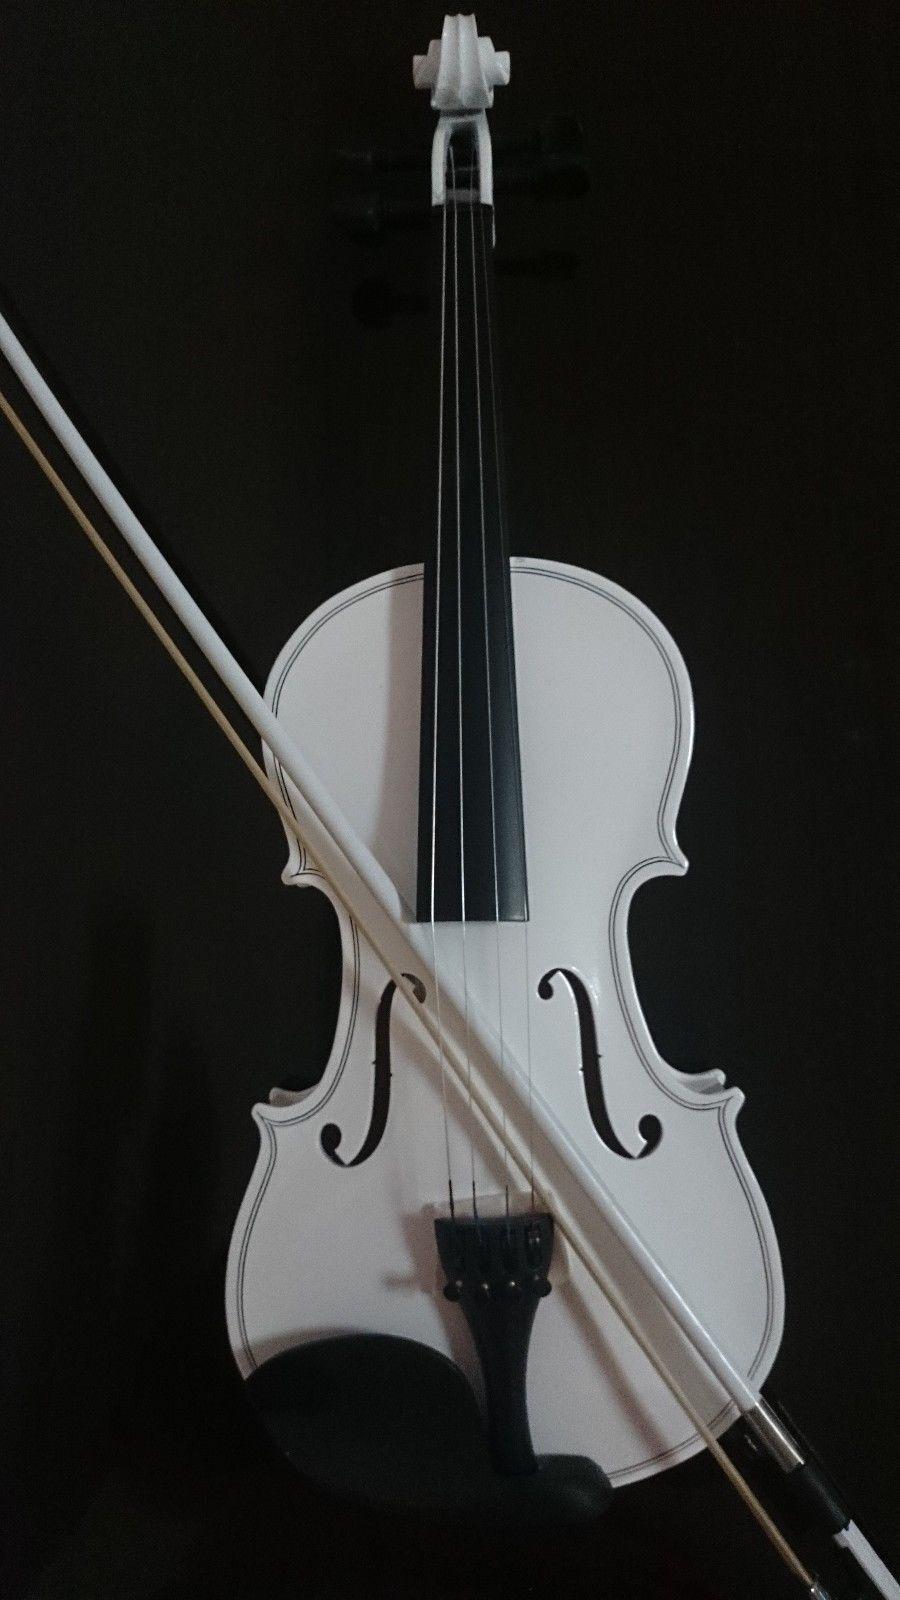 Estudiante acústicas violín lleno 4 4 4 4 arce pícea con estuche bucle resina 23f368